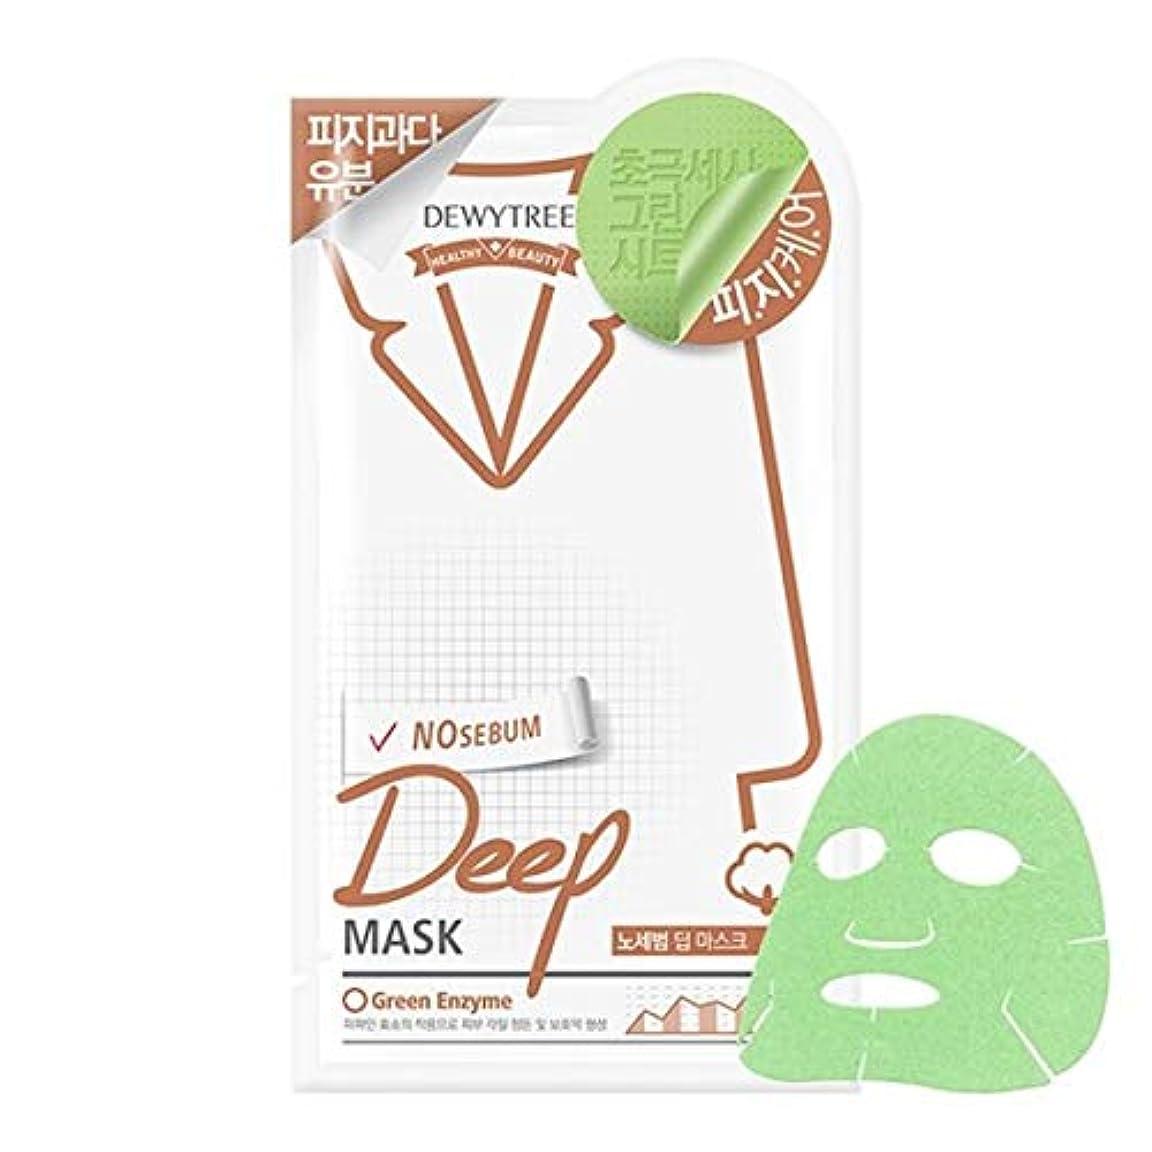 フィドル控える計画(デューイトゥリー) DEWYTREE ノセボムディープマスク 20枚 Nosebum Deep Mask 韓国マスクパック (並行輸入品)